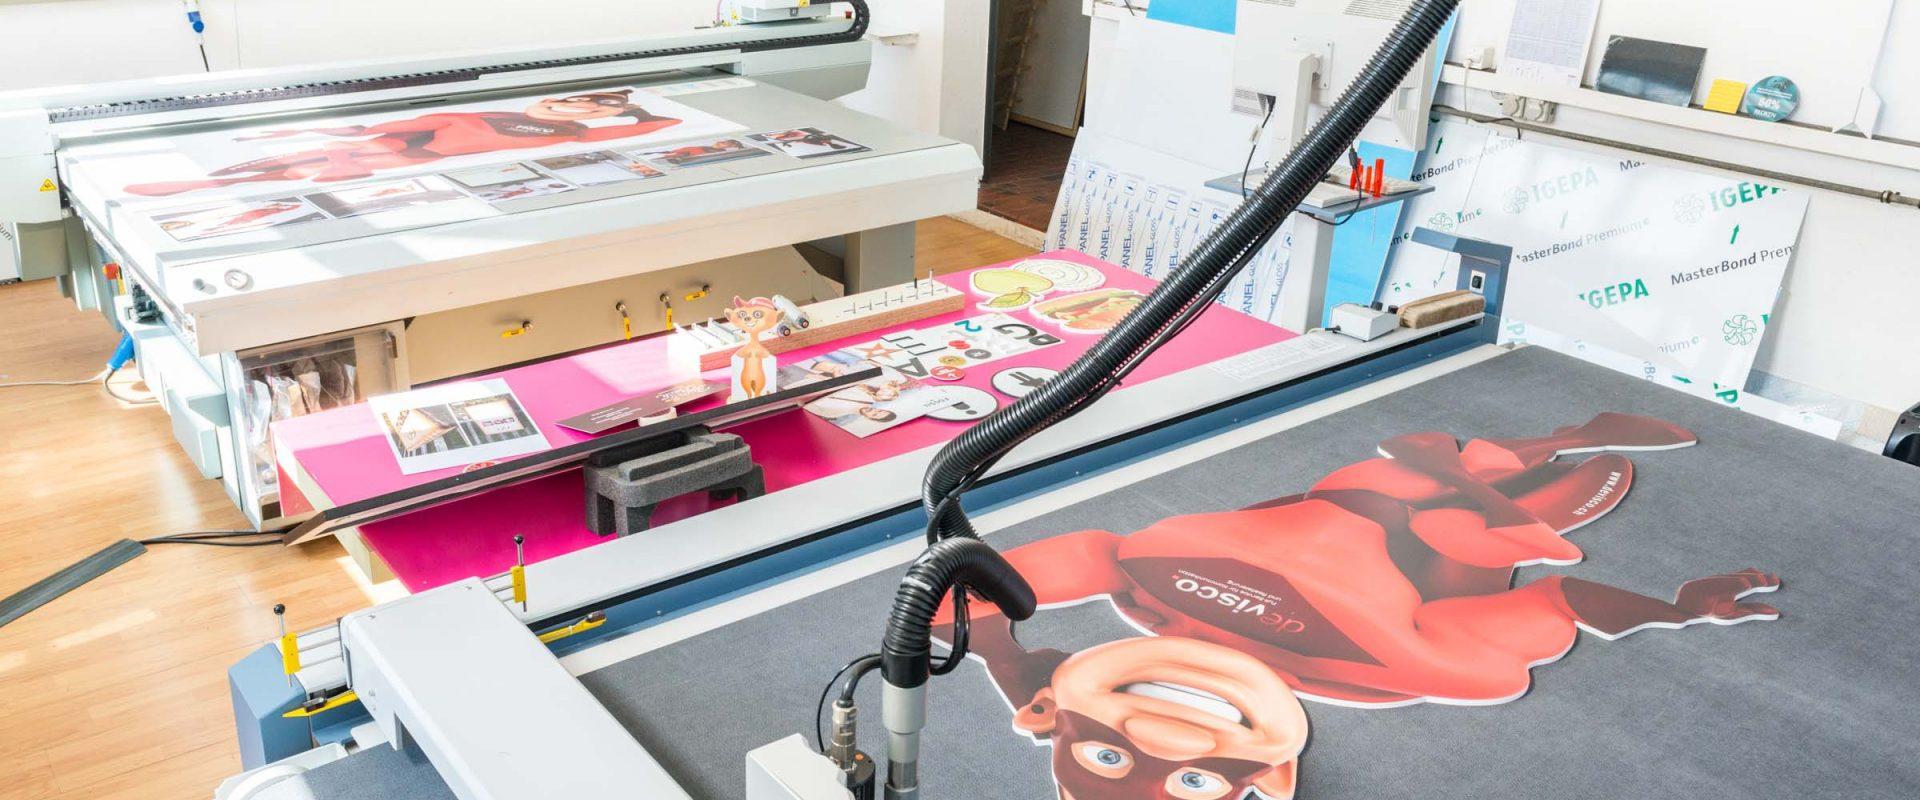 Corporate Fotograf Produktfotografie für Websites, Werbung und Printmedien